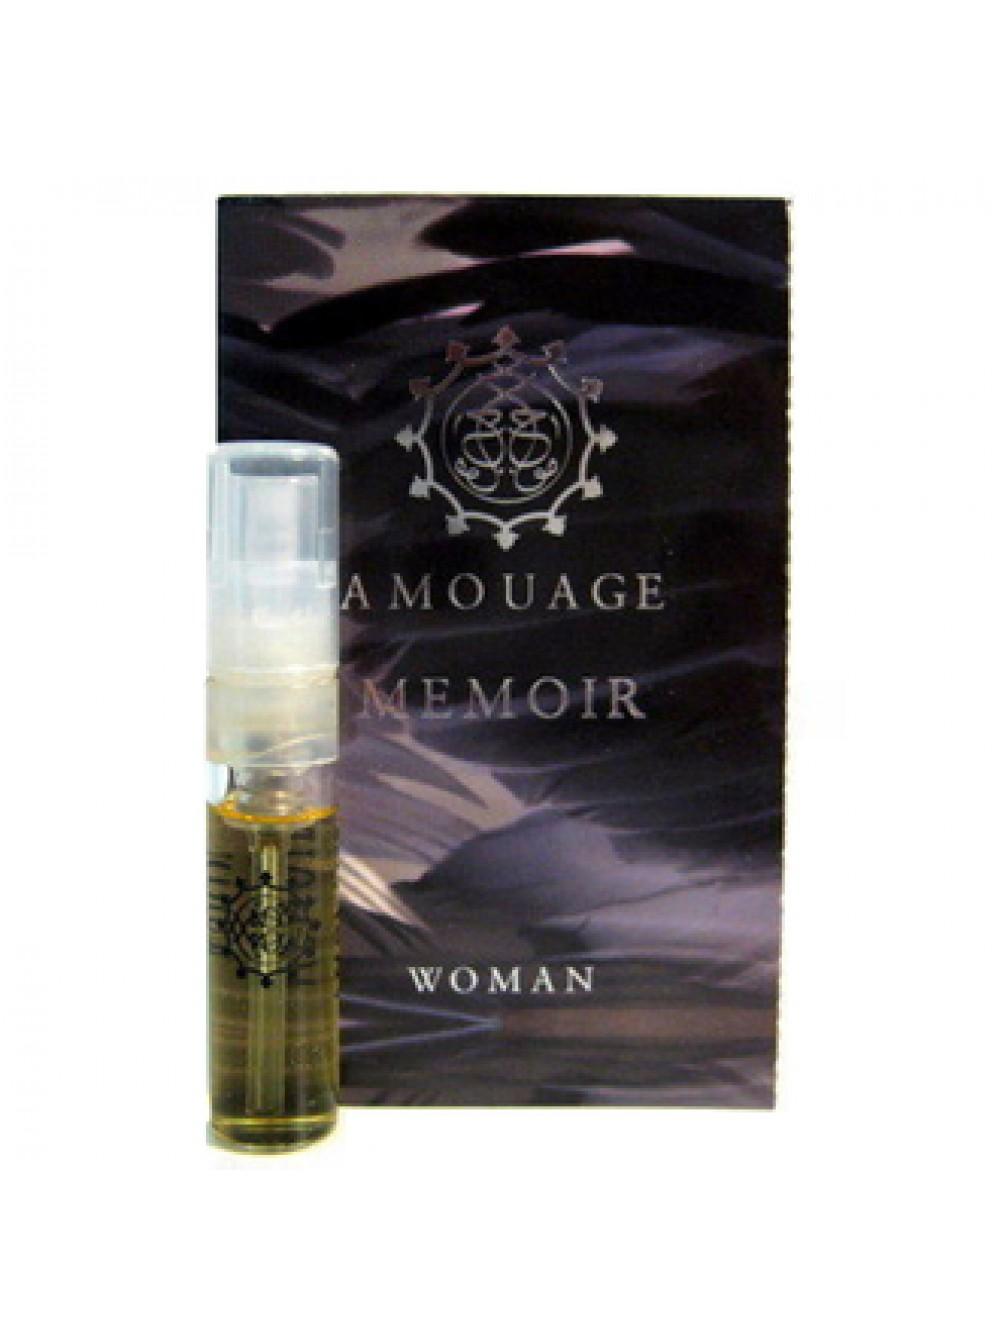 купить Amouage Memoir Woman пробник 2 мл в интернет магазине